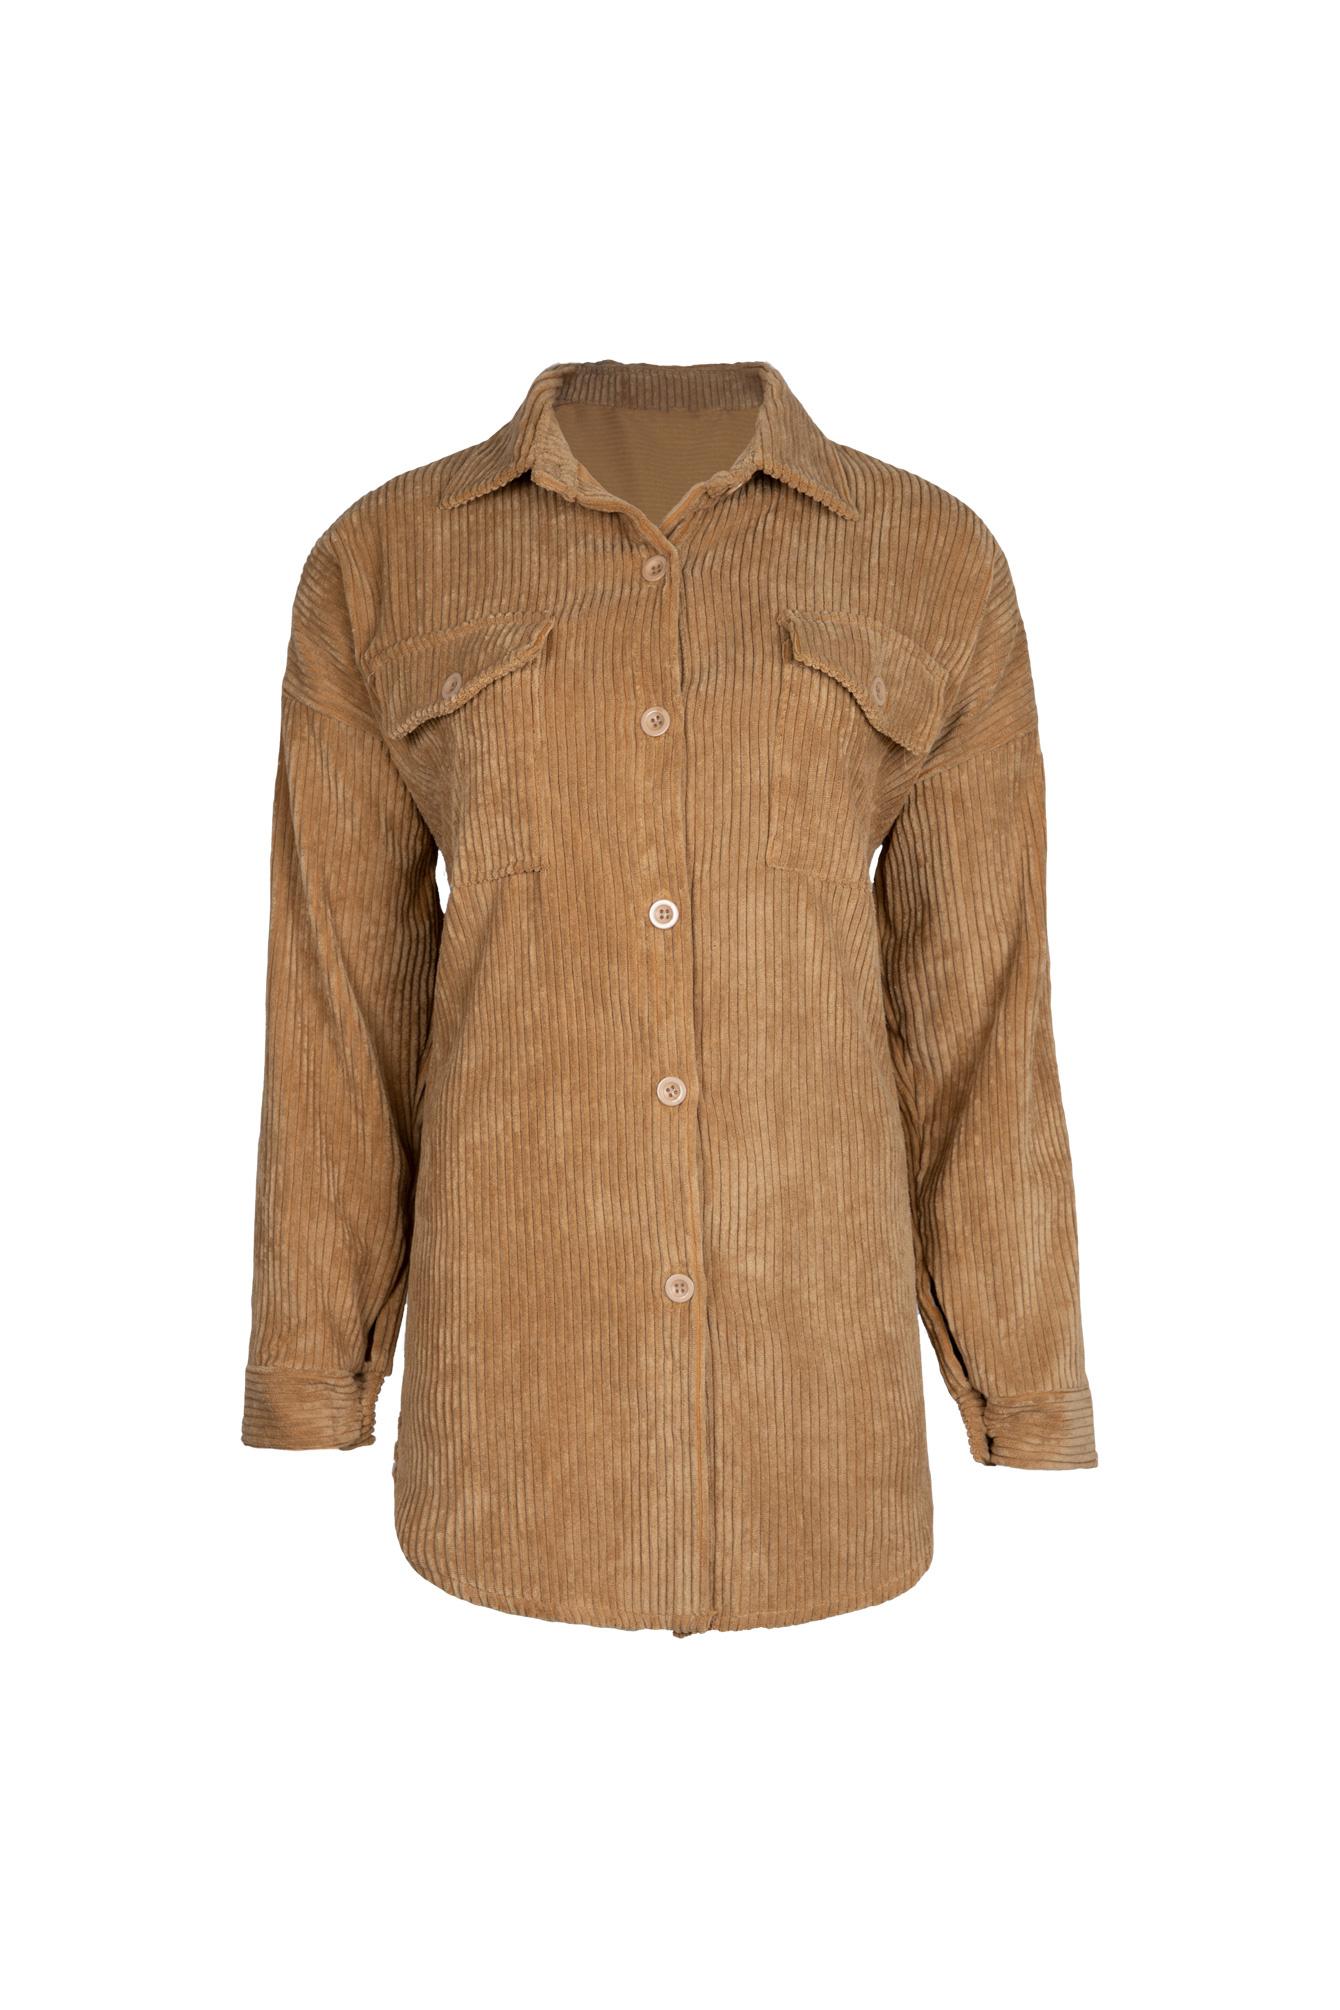 Rib blouse Sammy camel